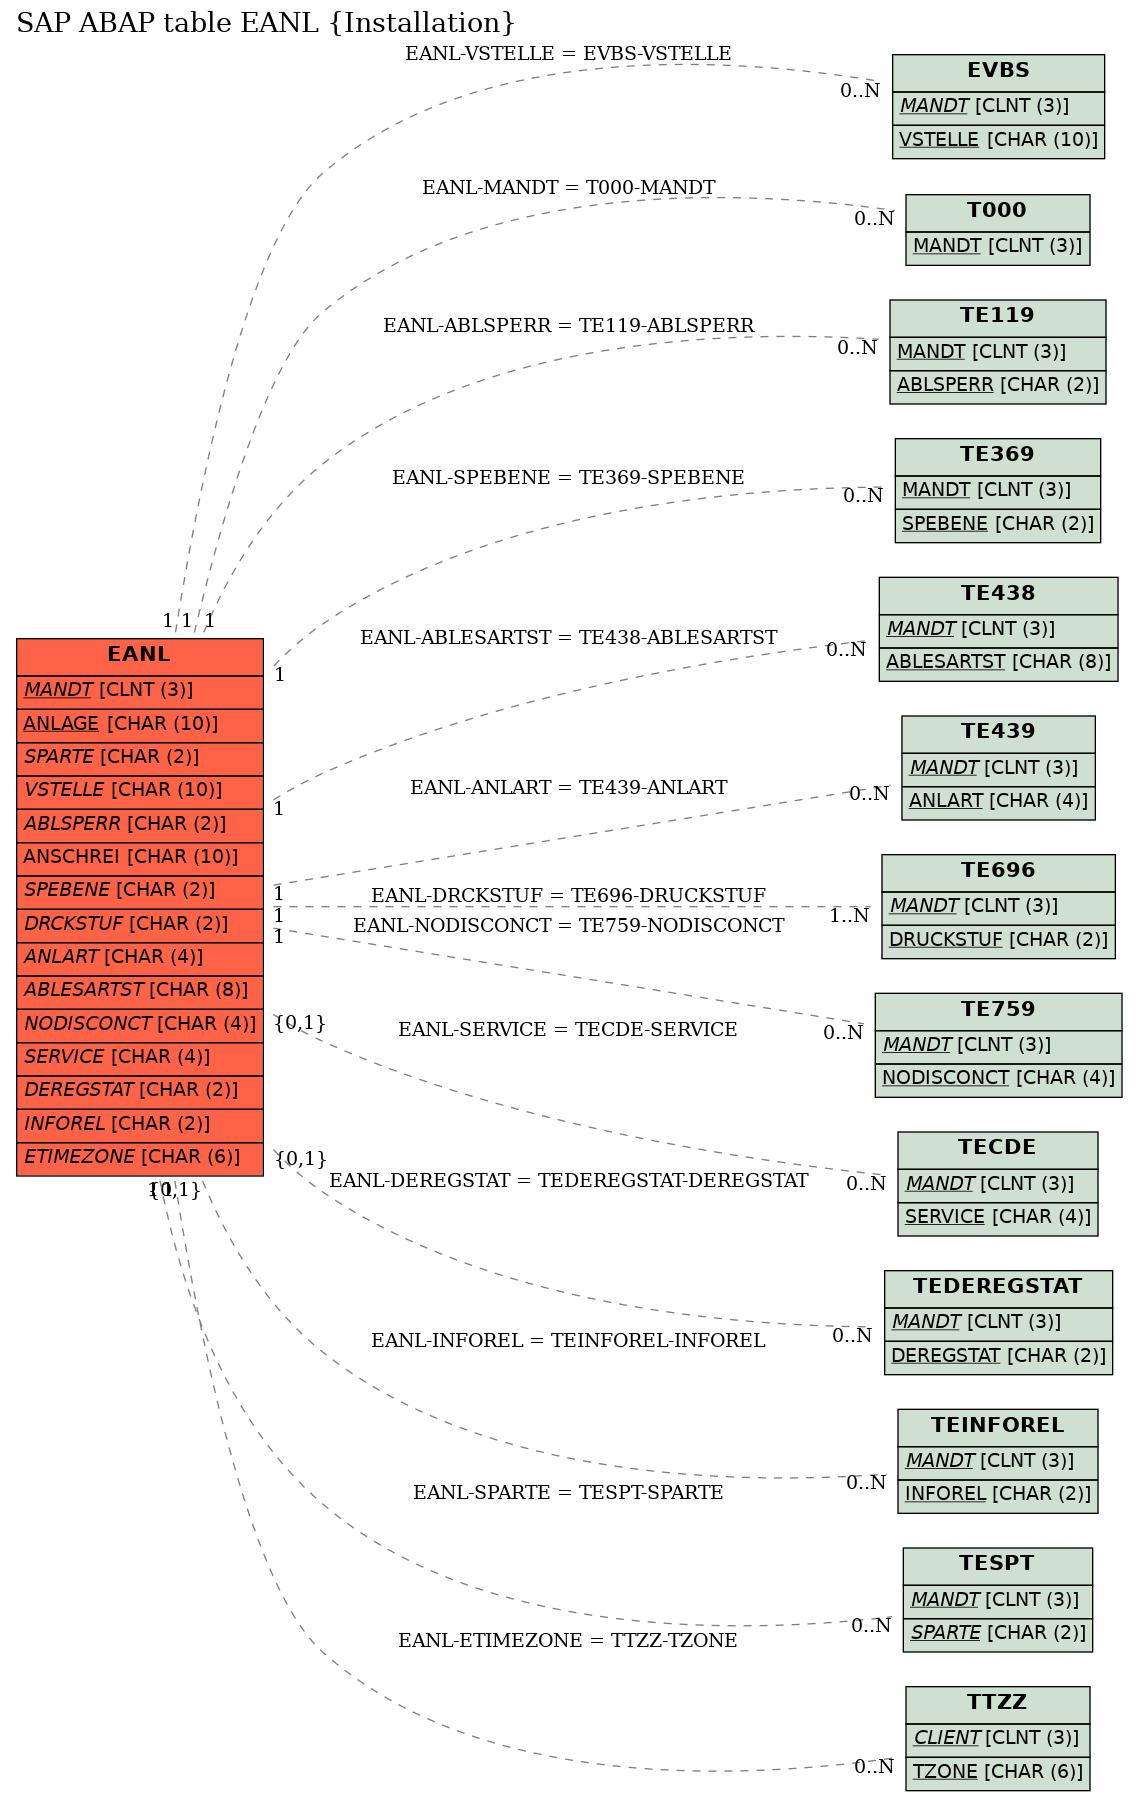 E-R Diagram for table EANL (Installation)